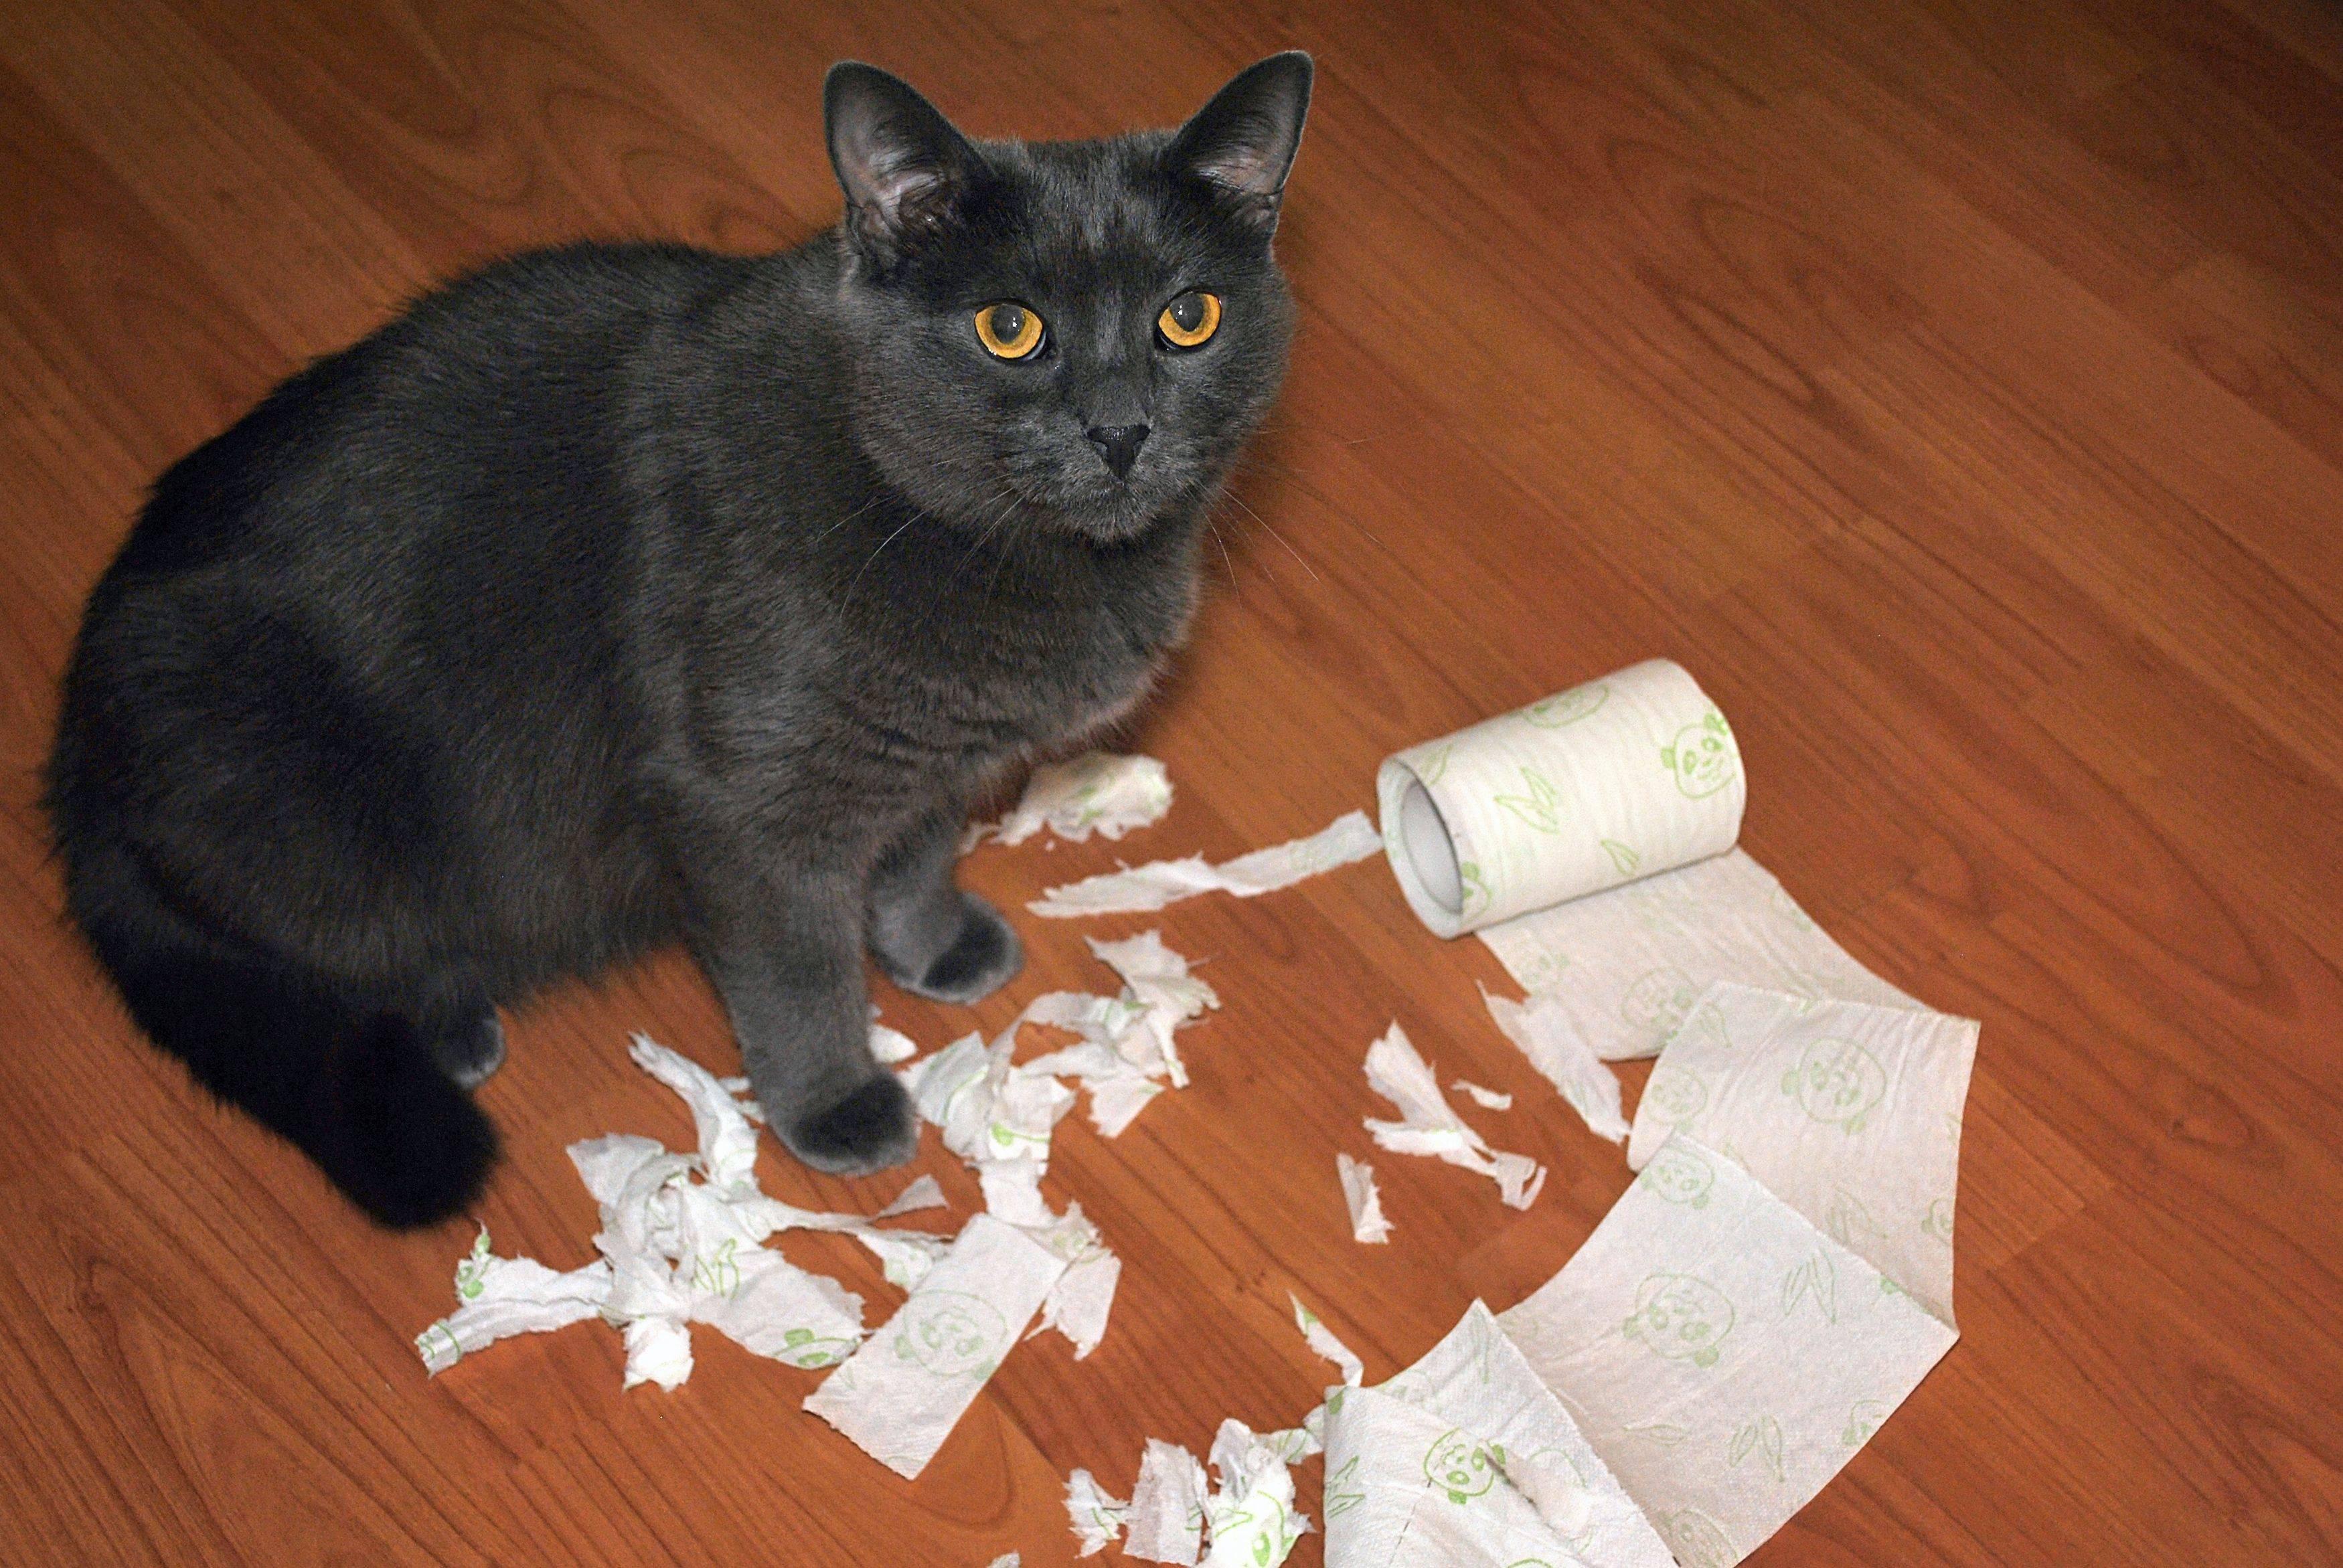 Можно ли за баловство наказывать котенка, как правильно наказать, чтобы он понял?